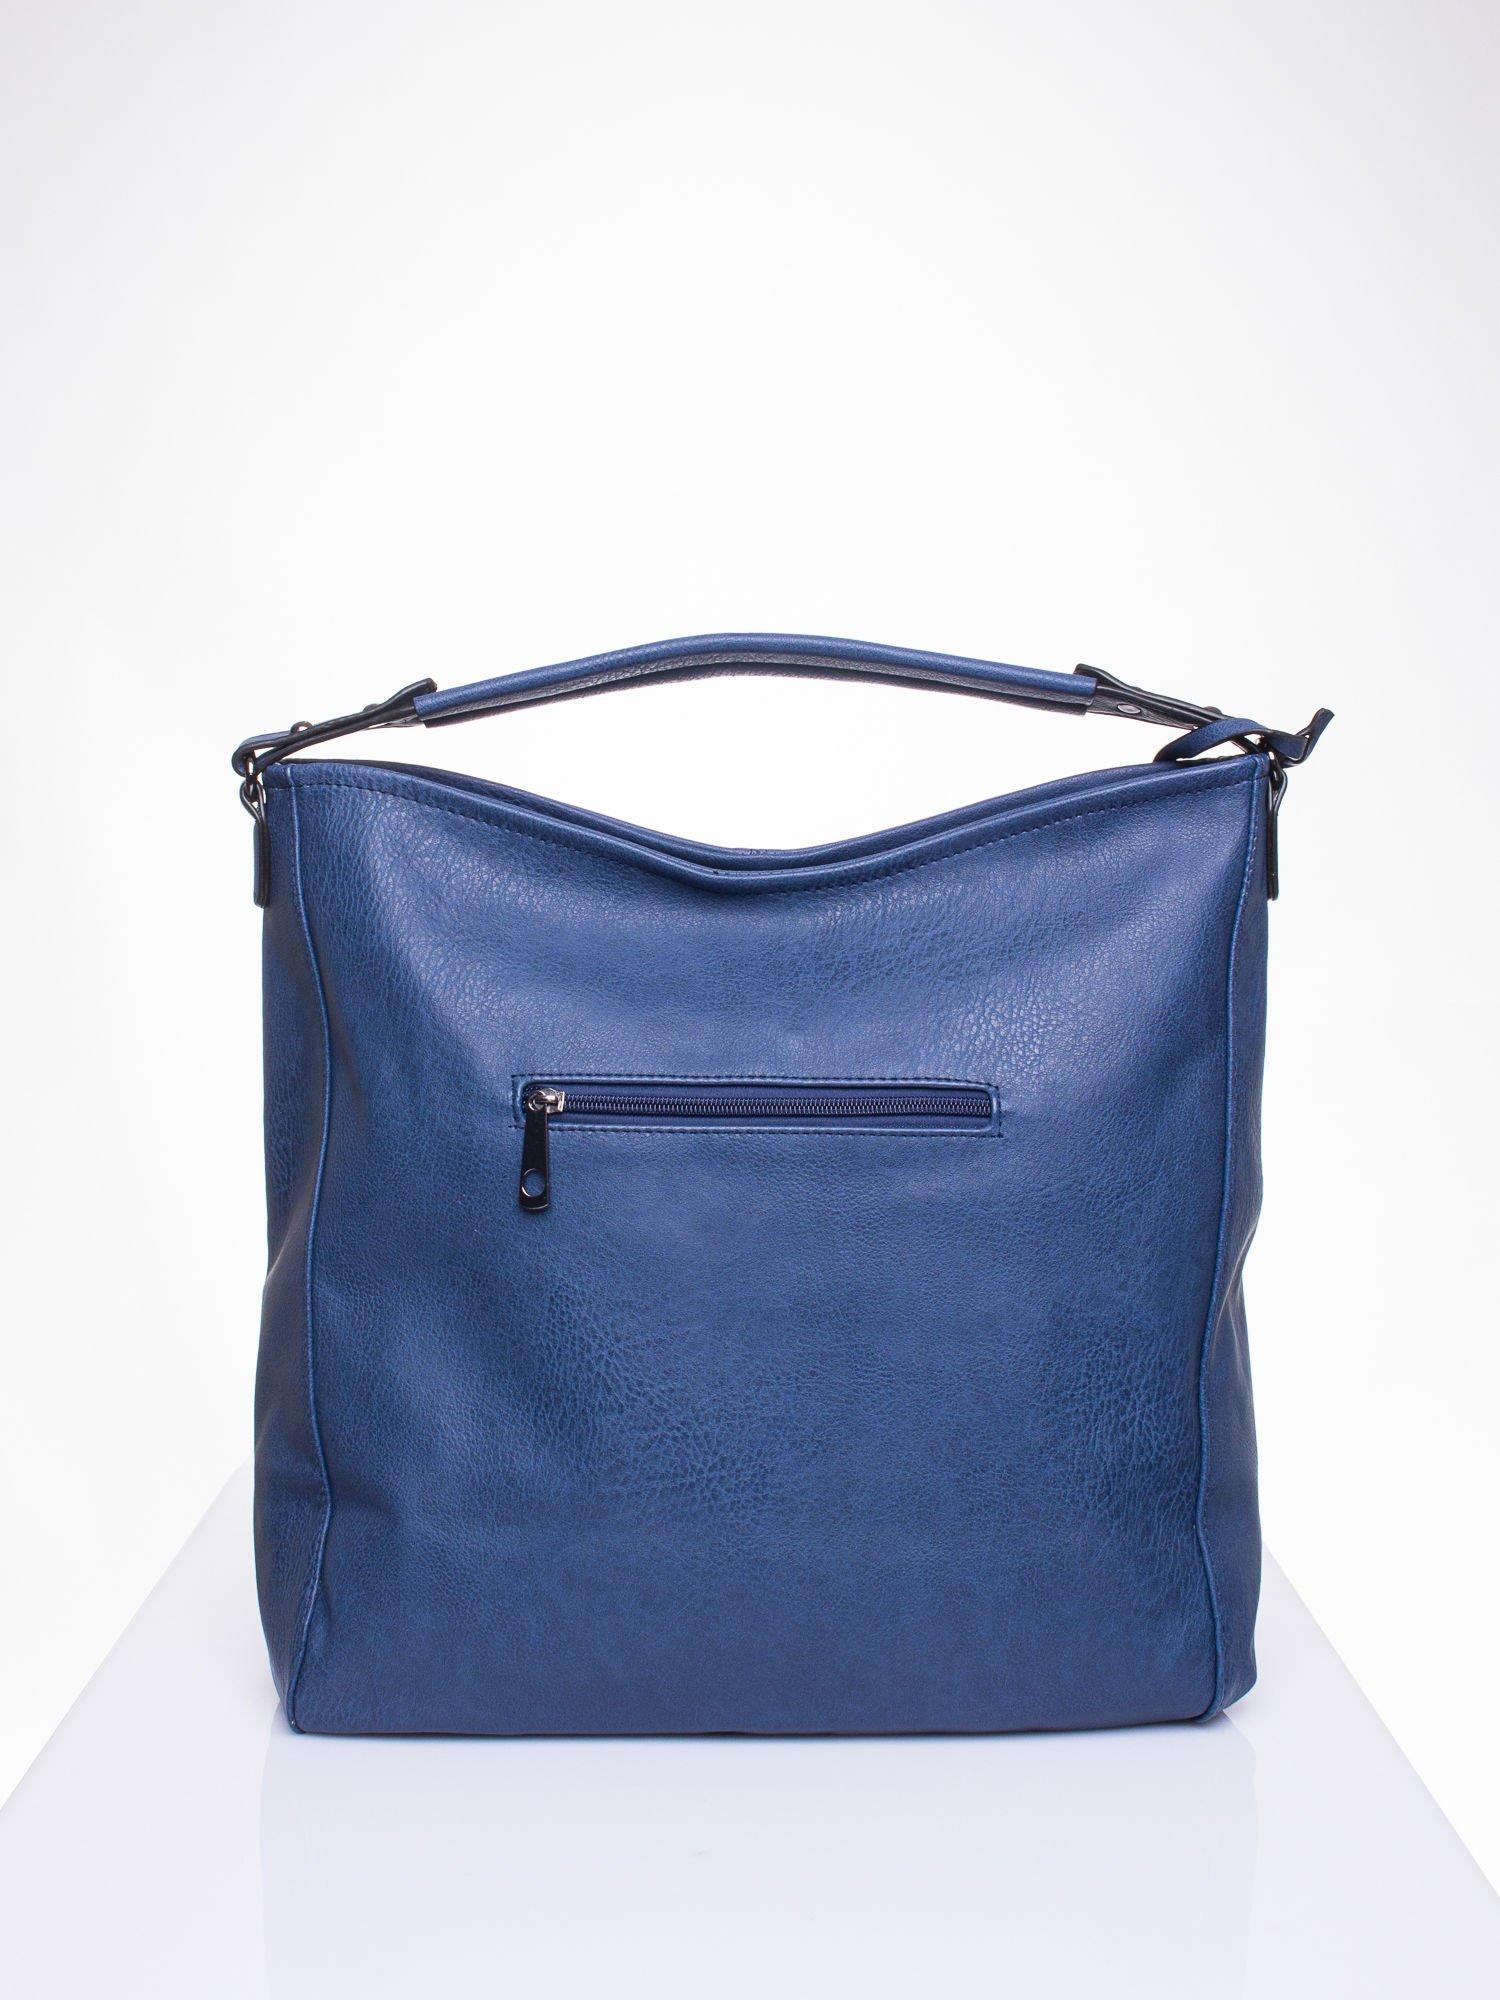 Granatowa torba hobo z suwakami po bokach                                  zdj.                                  4